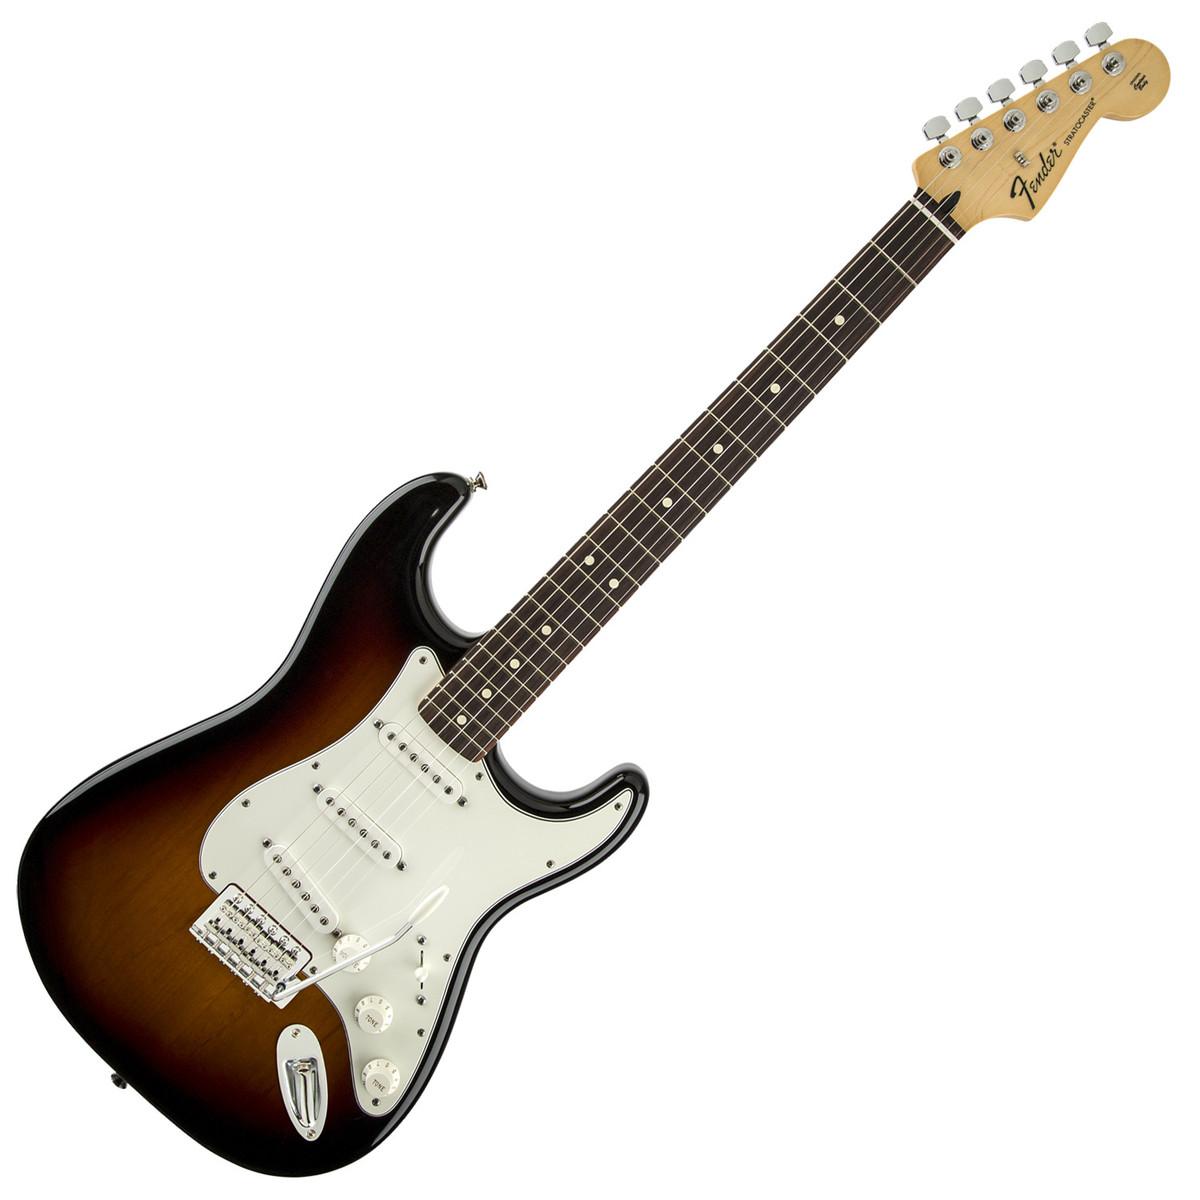 fender standard stratocaster rw brown sunburst at gear4music. Black Bedroom Furniture Sets. Home Design Ideas